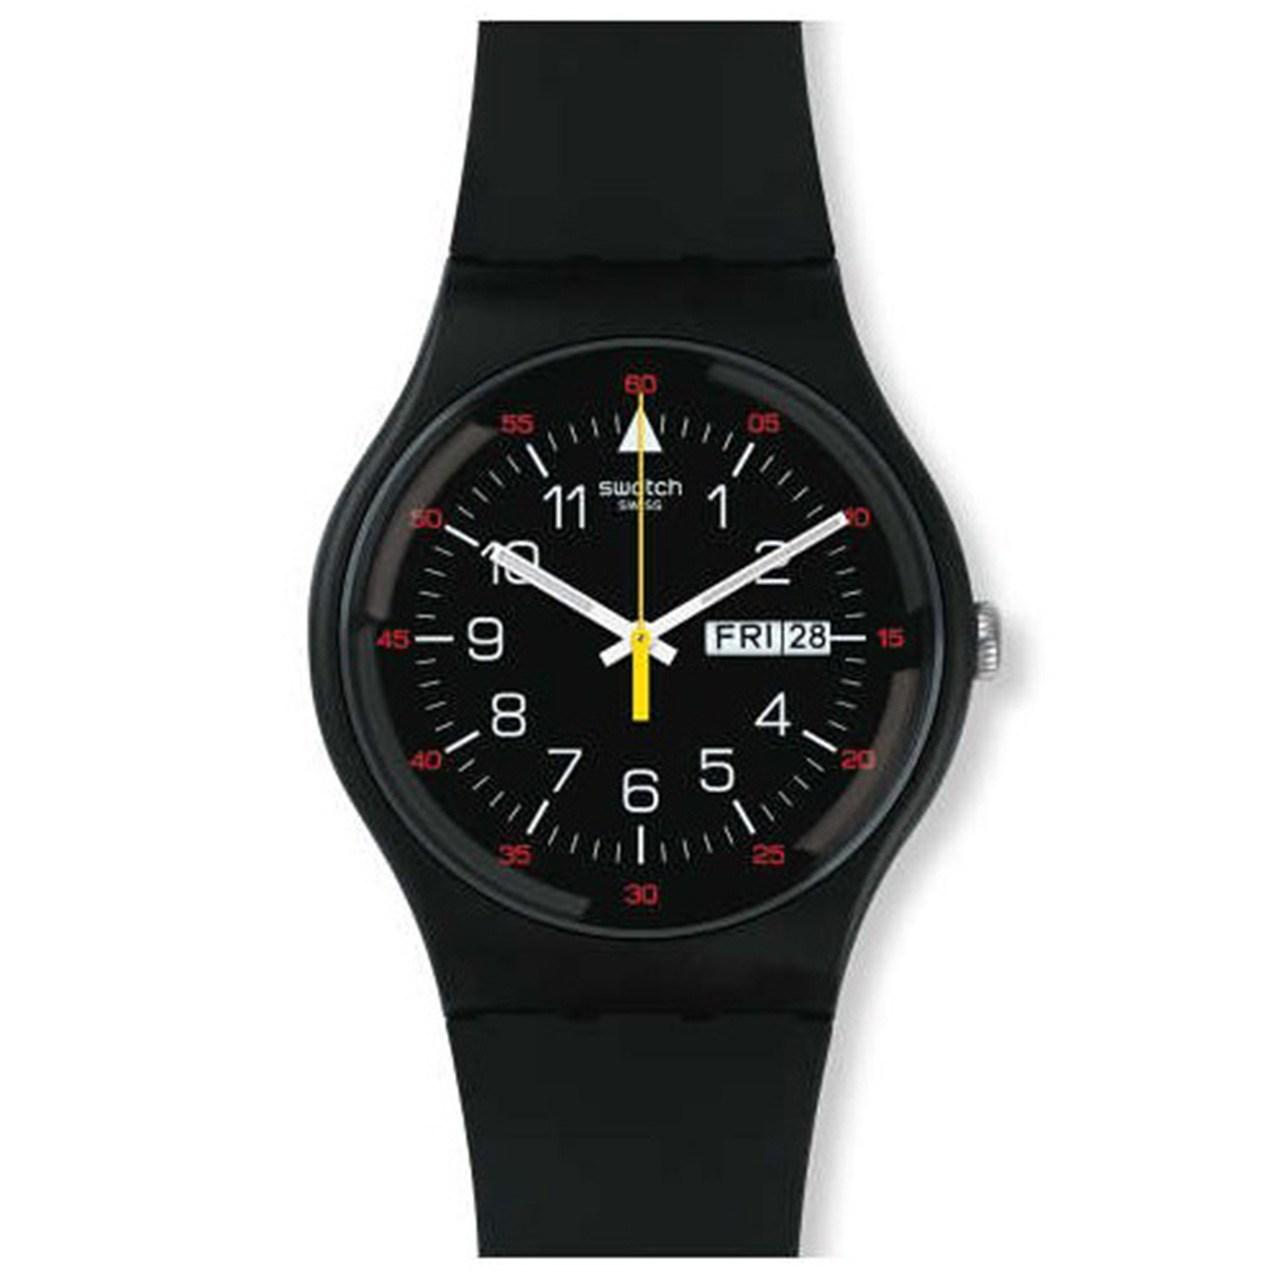 ساعت مچی عقربه ای سواچ مدل SUOB724